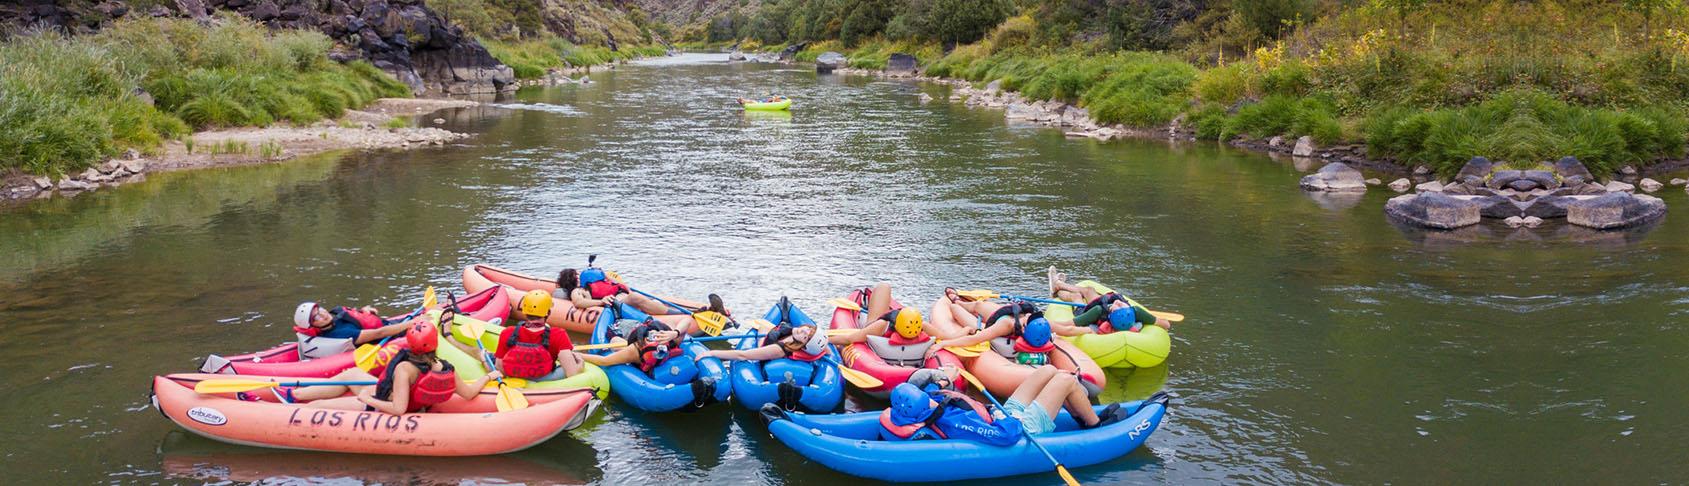 Un grupo de personas flotando por un río en intertubos.